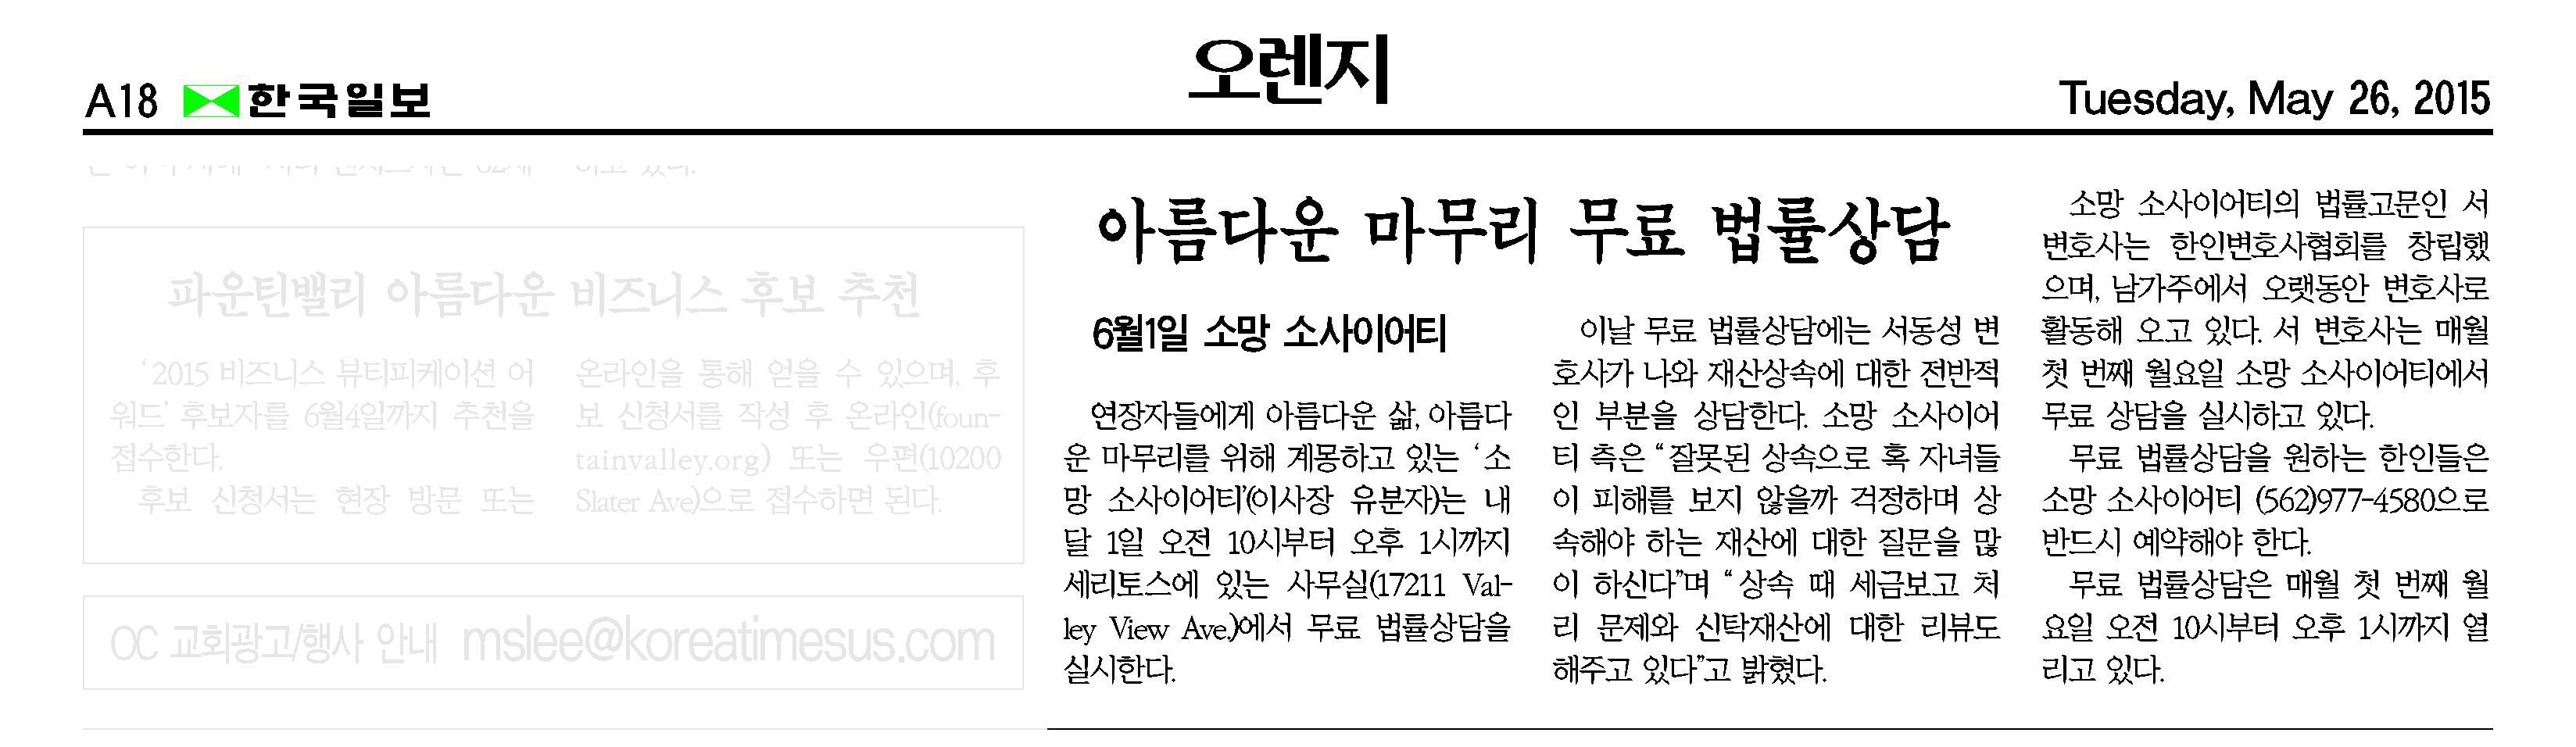 """""""아름다운 마무리 무료 법률상담"""" 2015년 5월 26일  한국일보"""